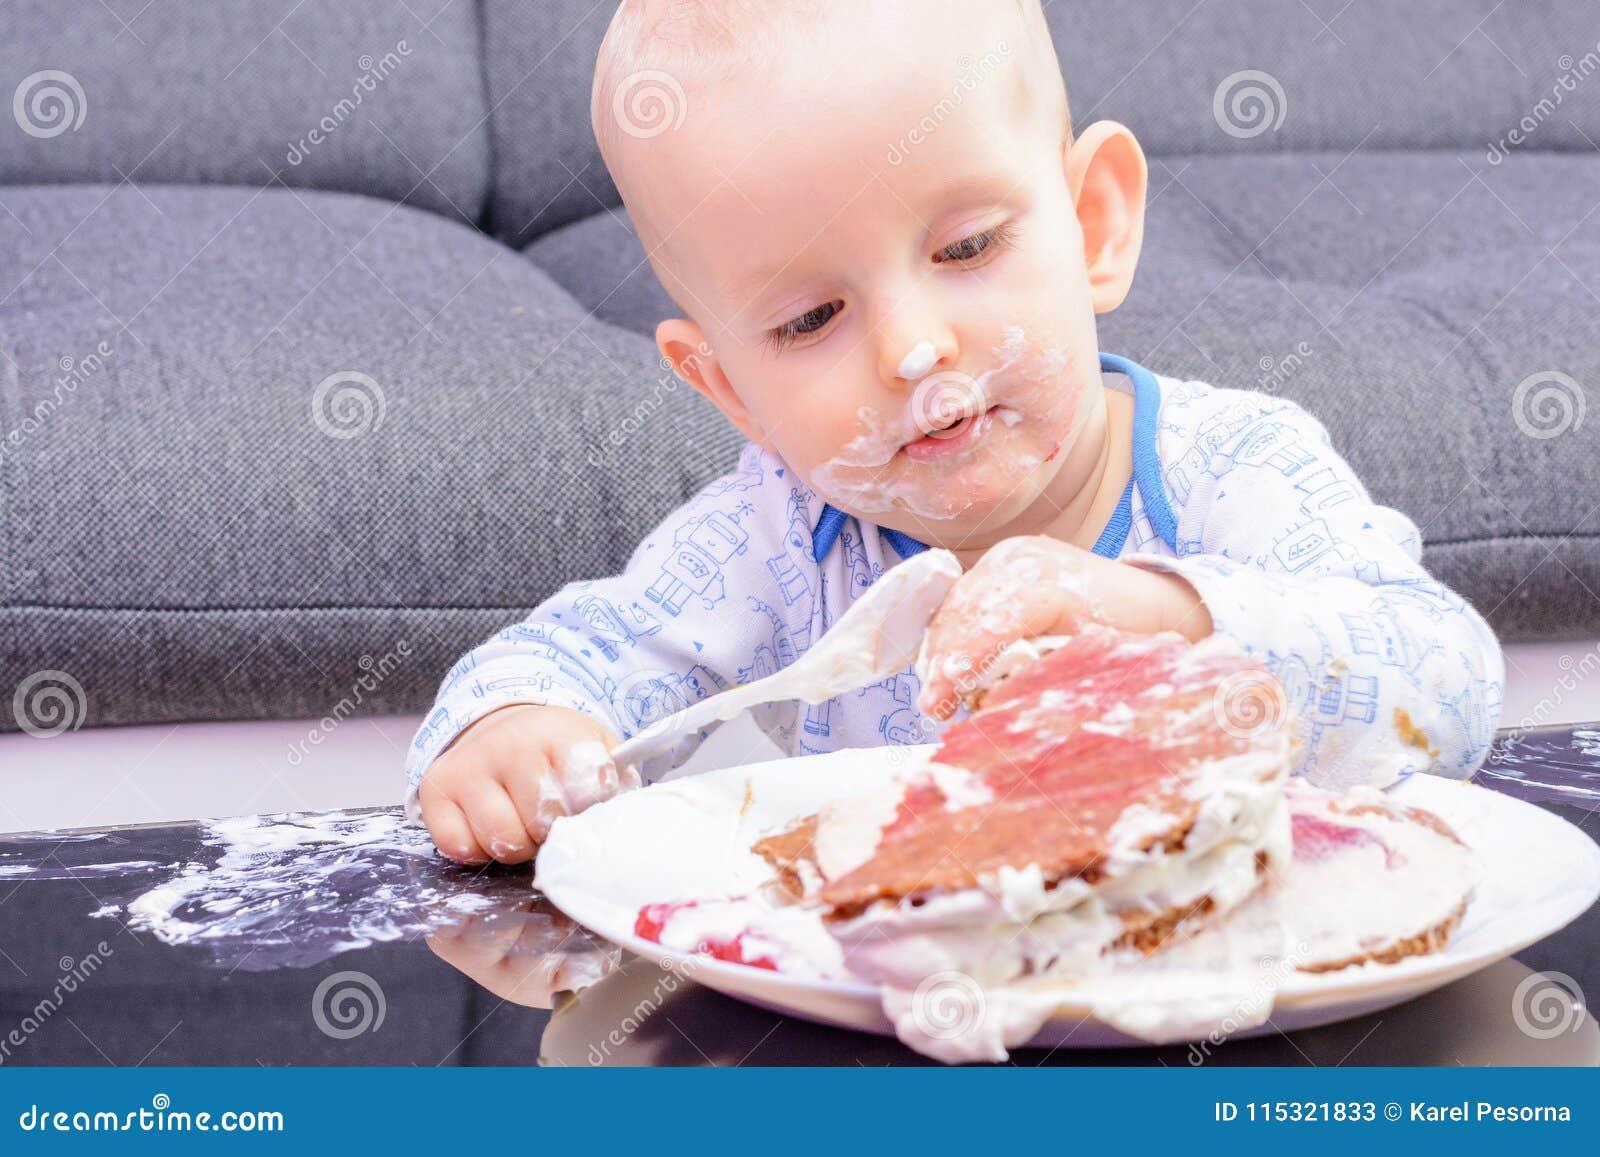 Piccola torta di compleanno con un cucchiaio, buon compleanno di moneta falsa del bambino